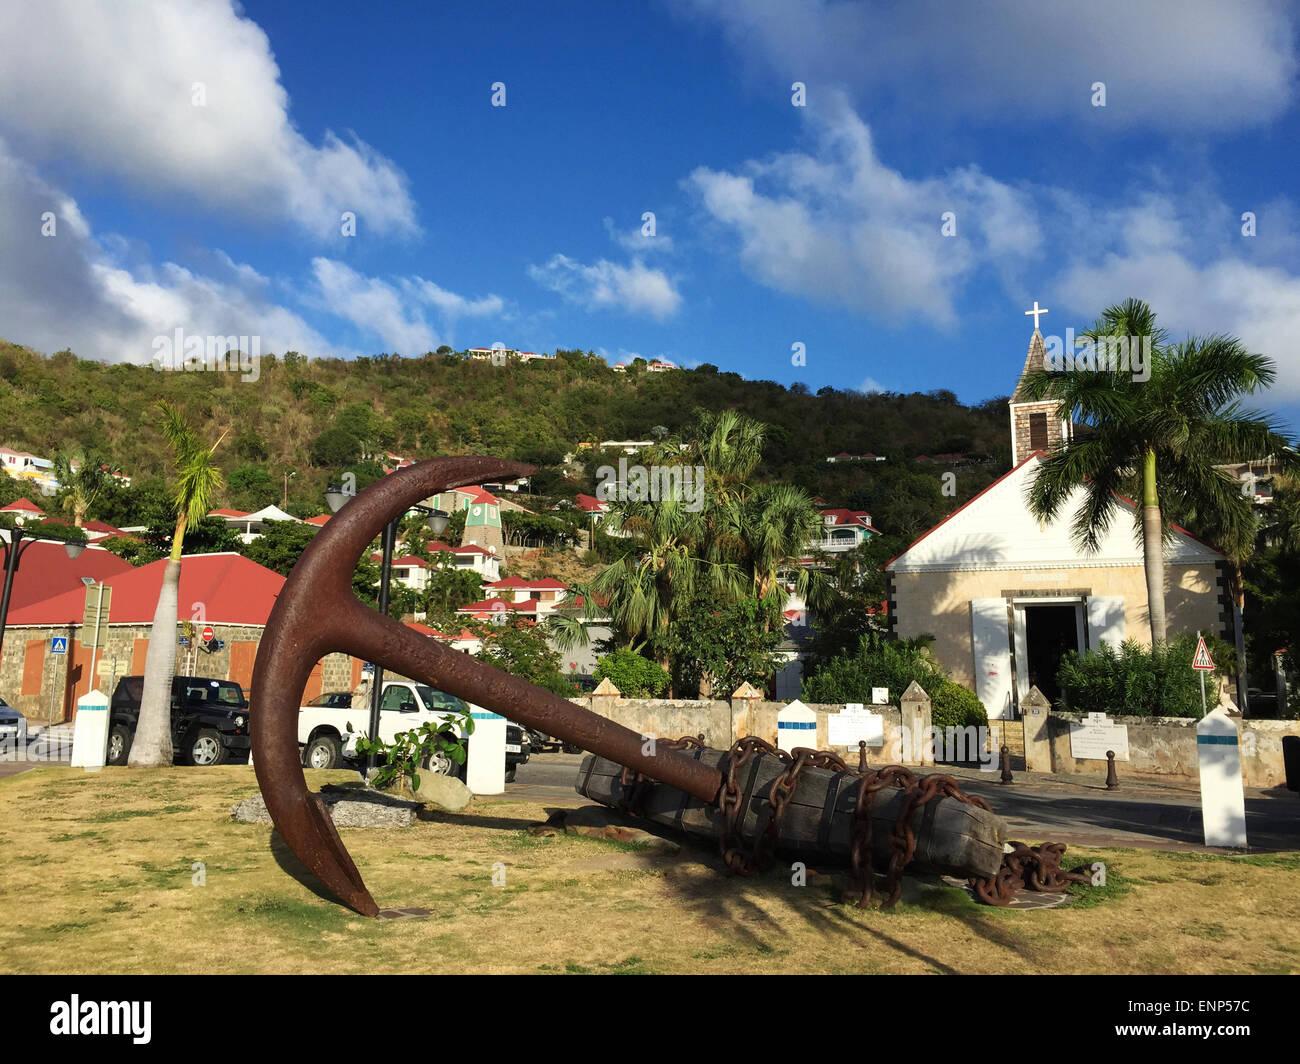 Saint-Barthélemy, Antillas Francesas, el Caribe: una escultura en forma de ancla, el horizonte de Gustavia y la iglesia anglicana Foto de stock